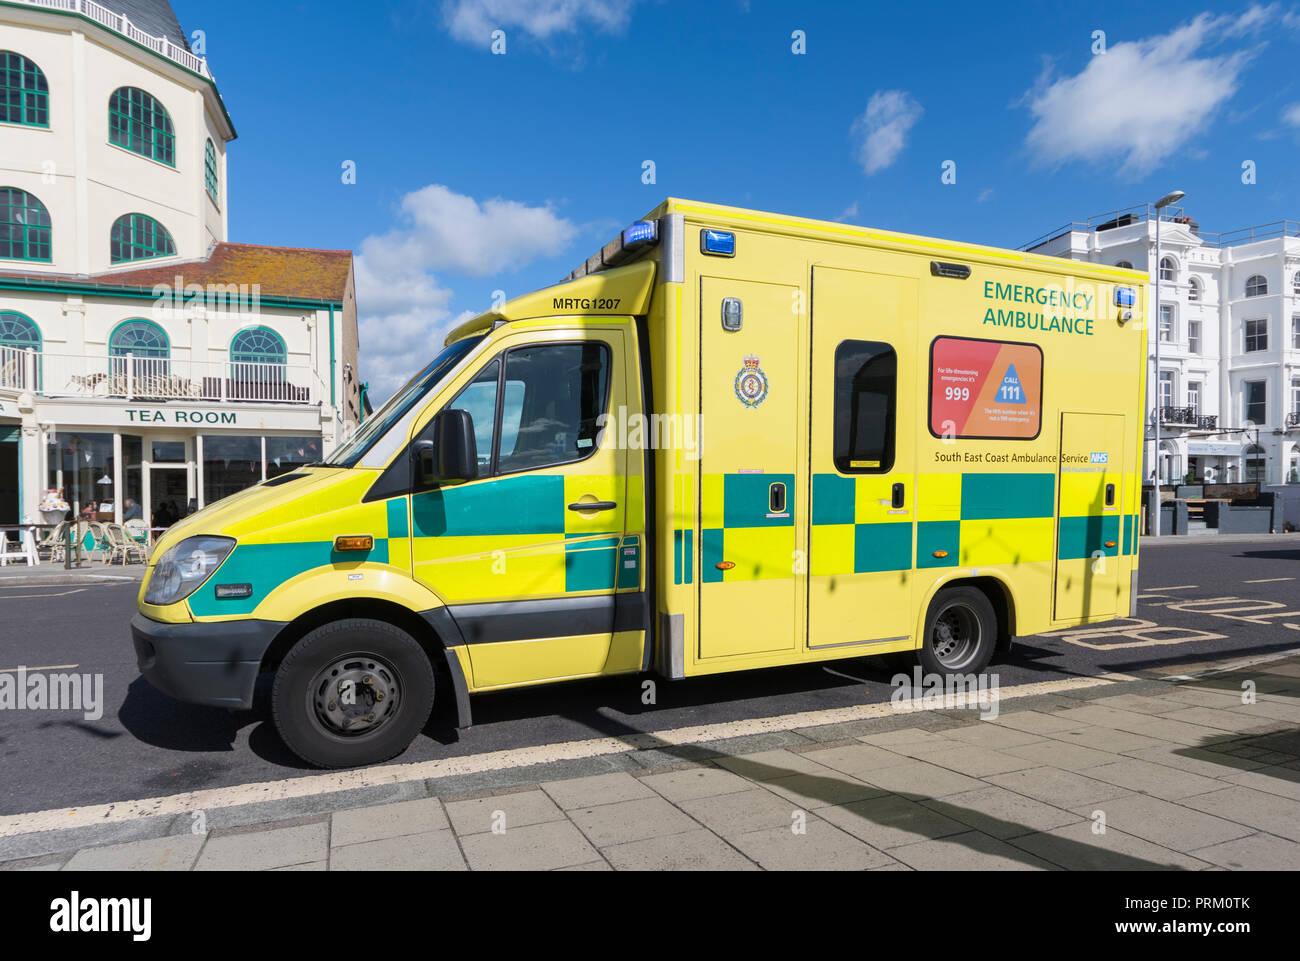 South East Coast Emergency Ambulance parked in Worthing, West Sussex, England, UK. NHS ambulance UK. - Stock Image